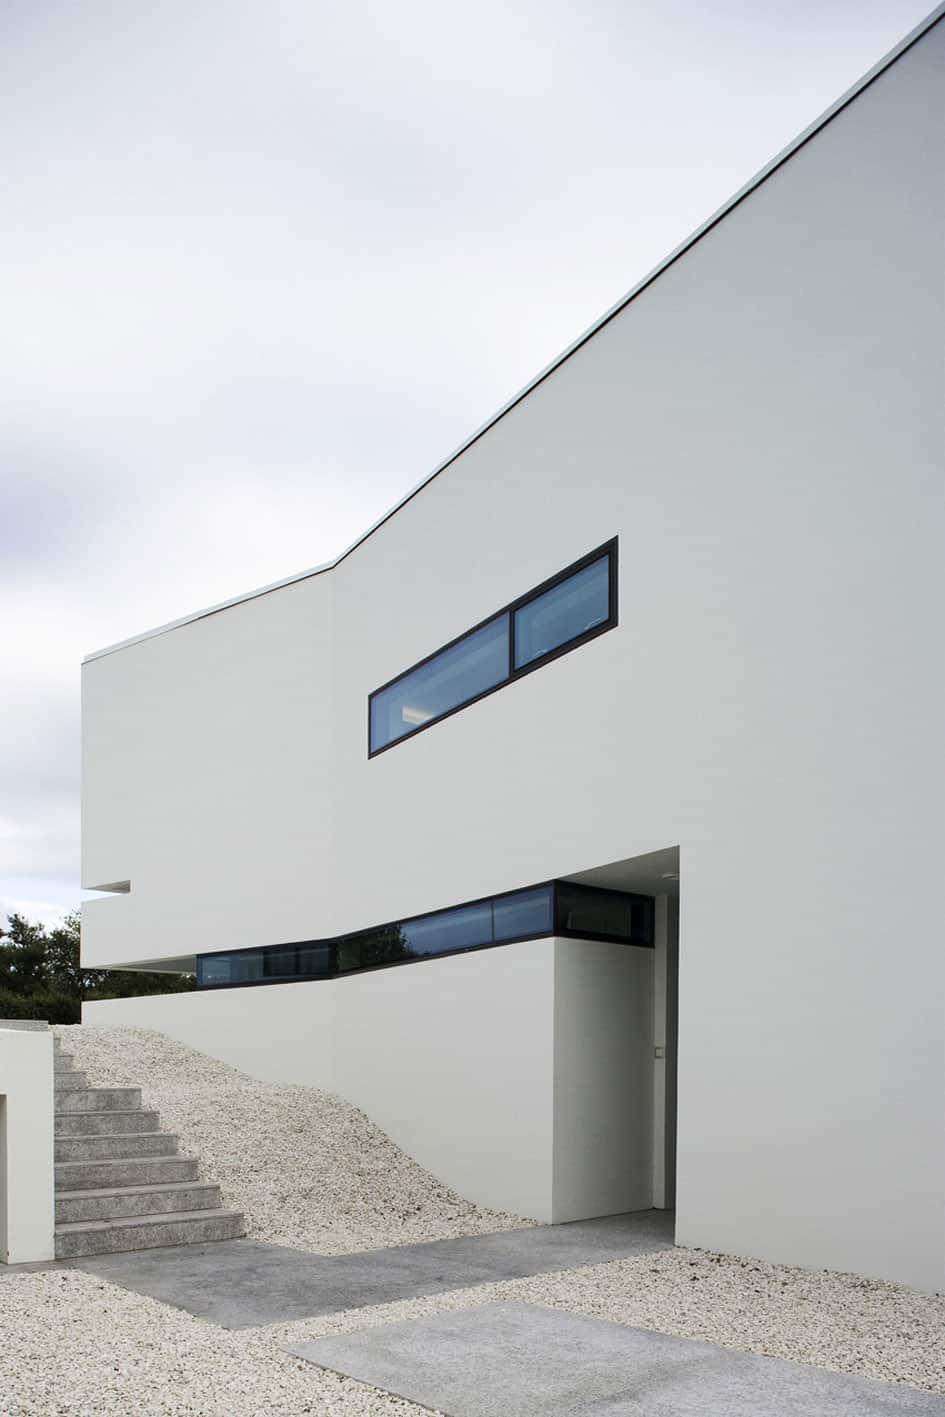 B25 House by PK Arkitektar (3)